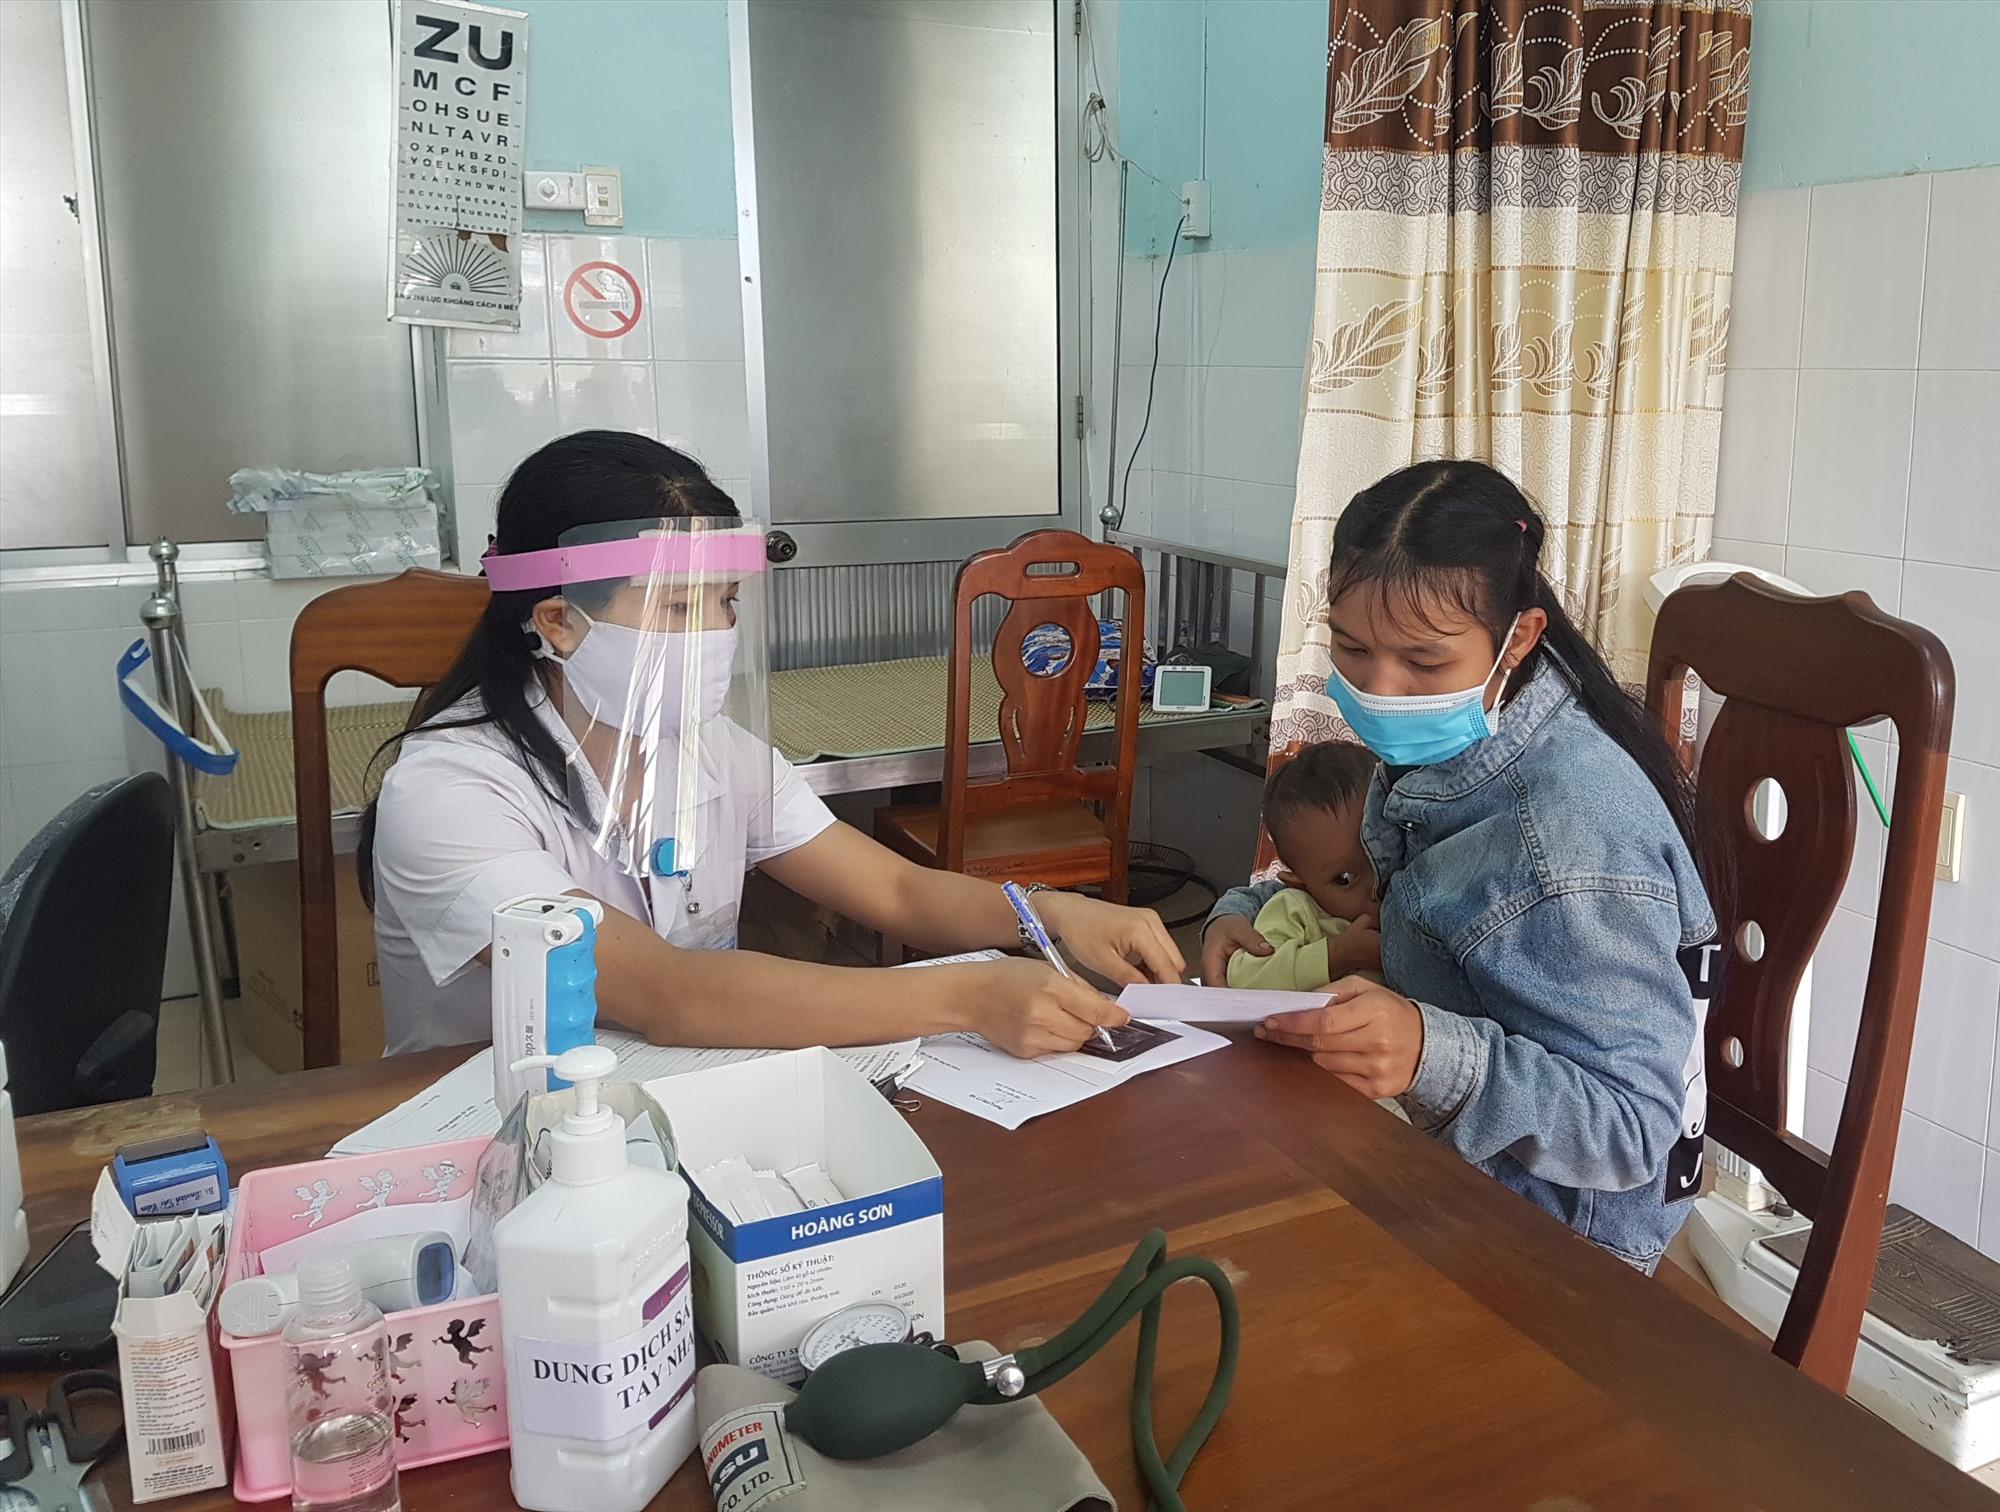 Công tác khám chữa bệnh cho người dân được Trung tâm Y tế huyện Nam Trà My thực hiện đảm bảo trong điện kiện phòng chống dịch bệnh. Ảnh: D.L